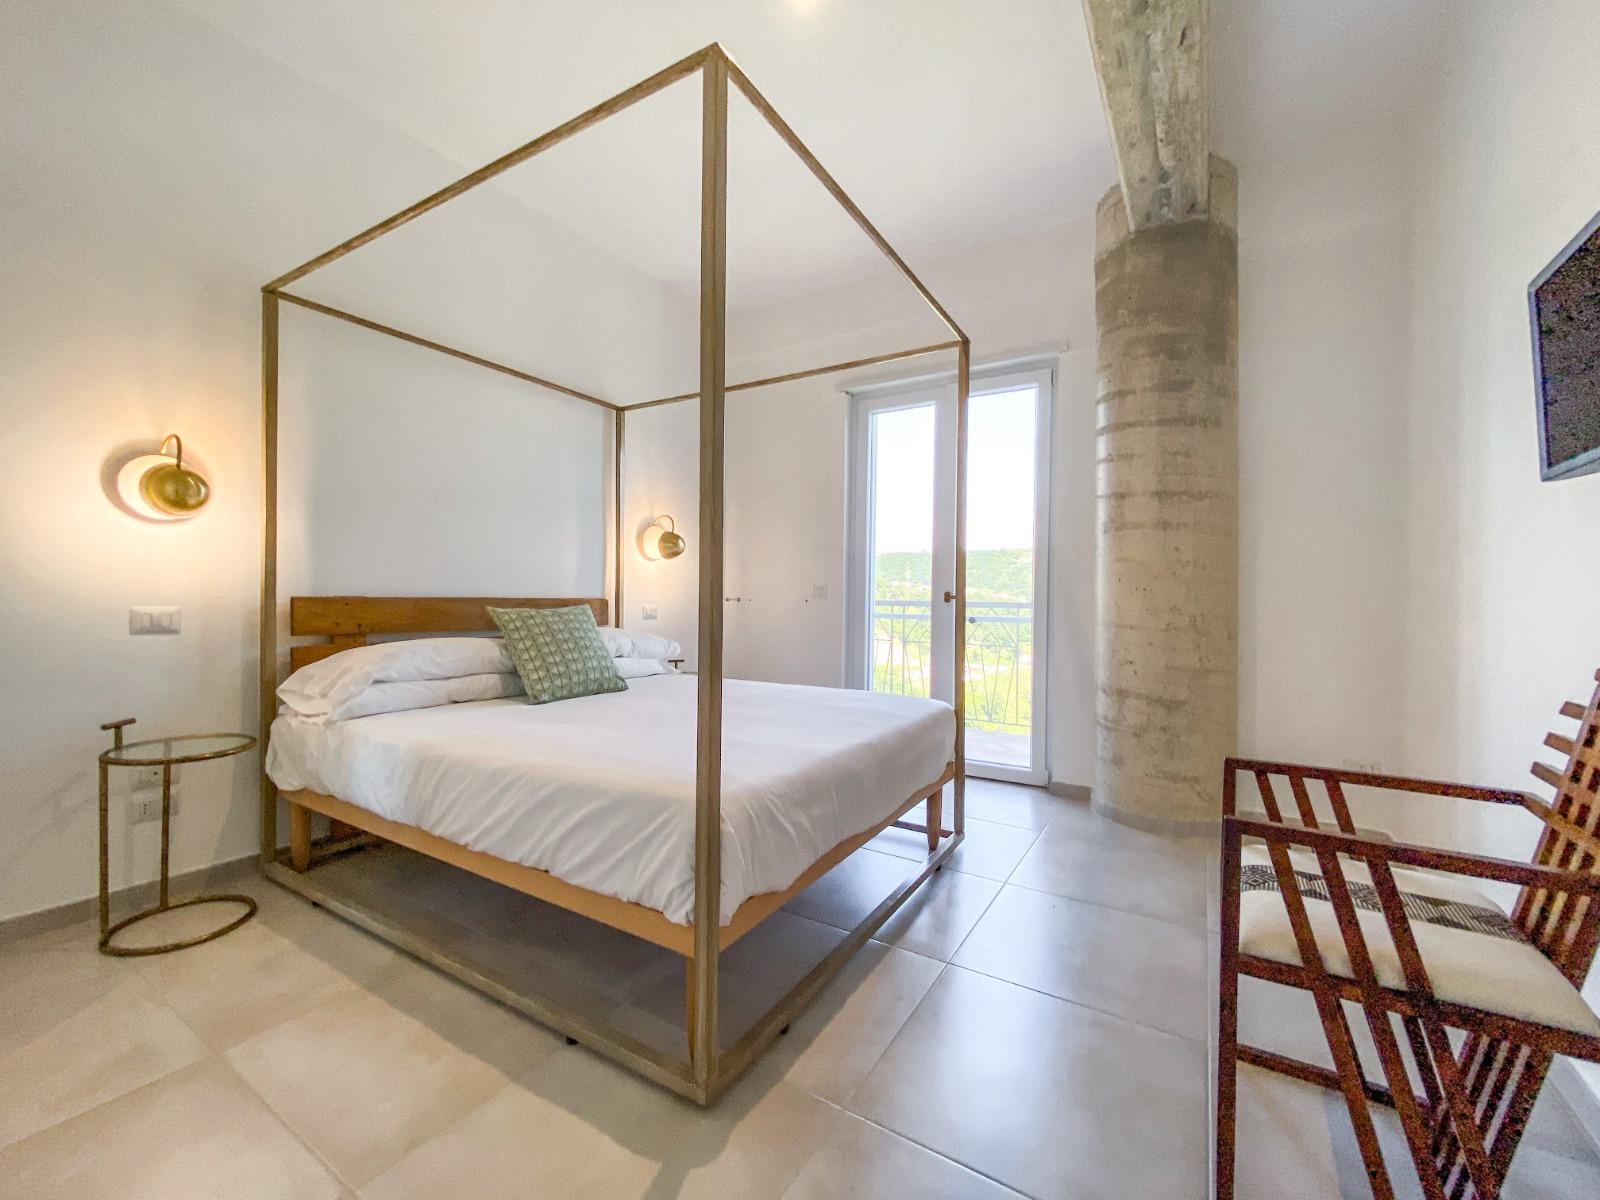 tenuta-normanni-foresteria-suites-small1